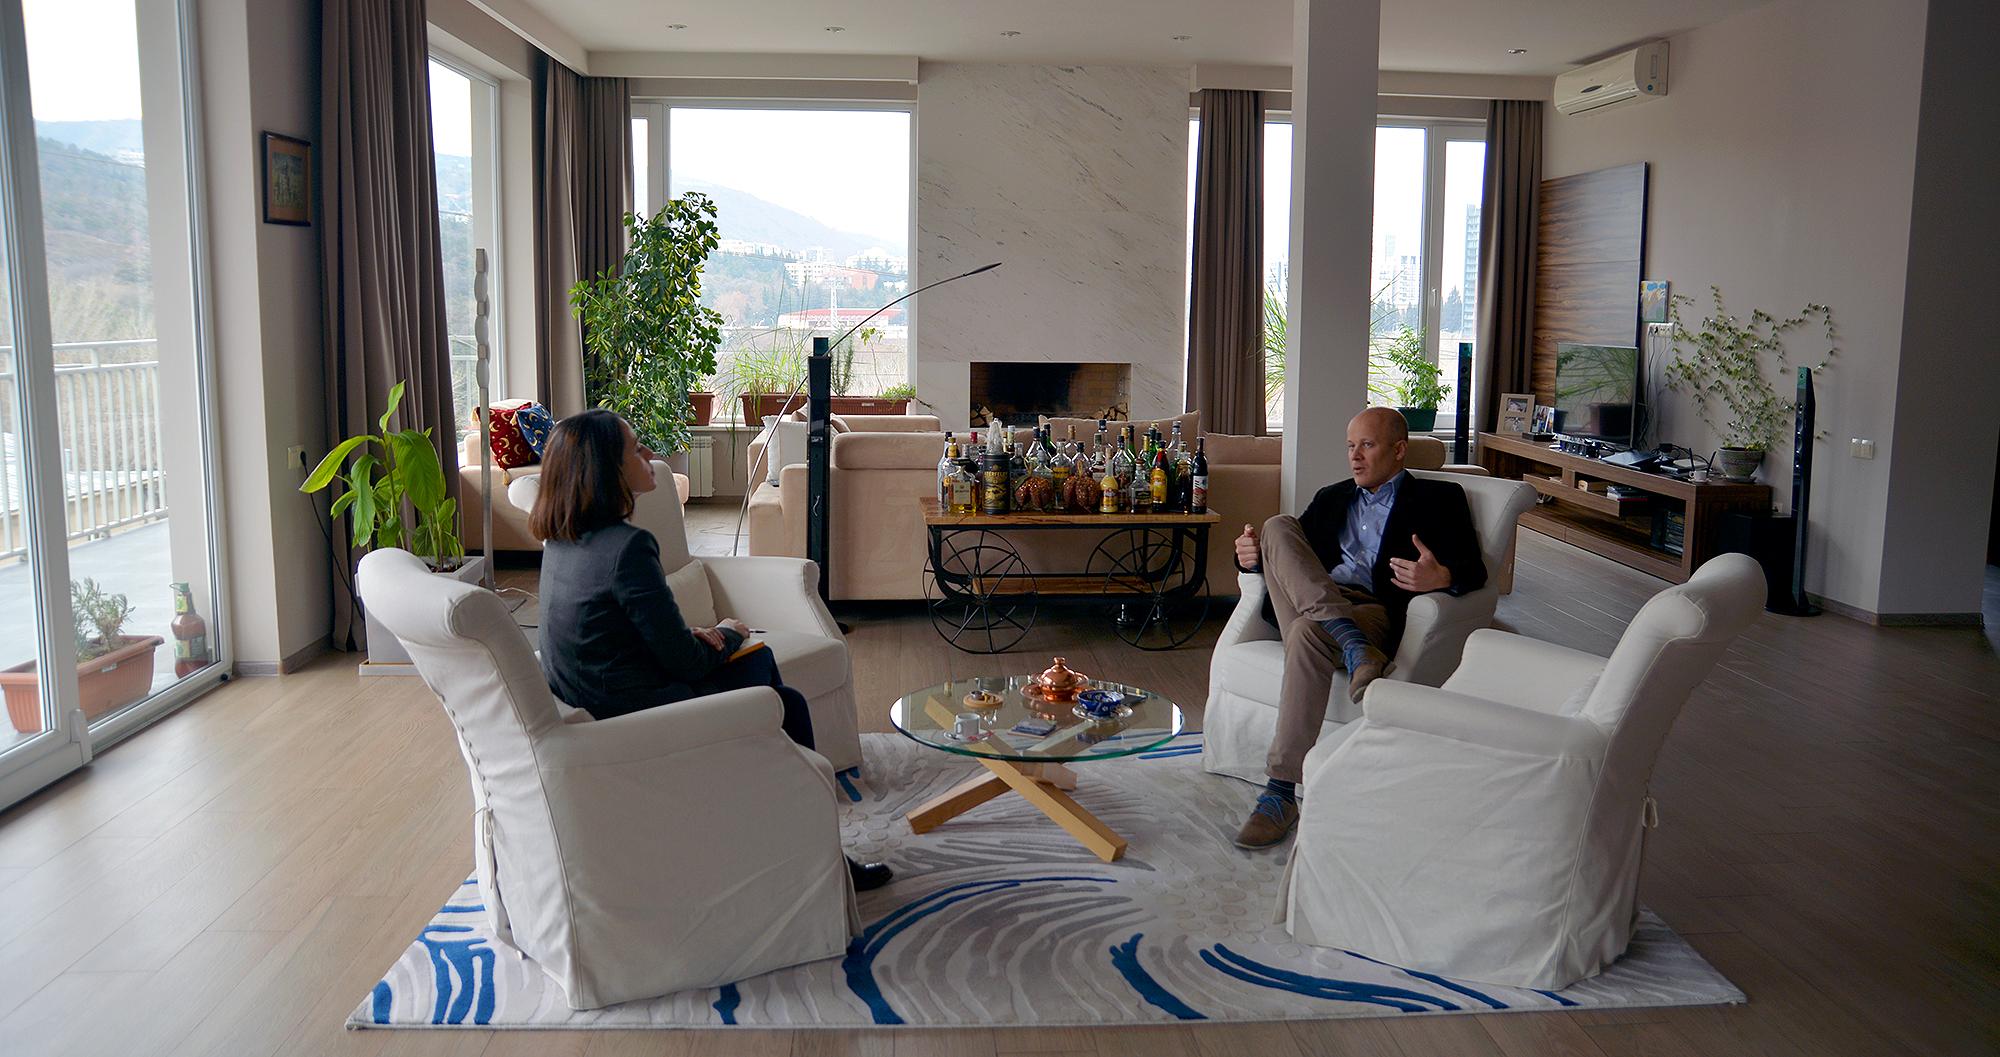 Посольство Словацкой Республики в Грузии - невероятно уютное место (фото: sova.news)